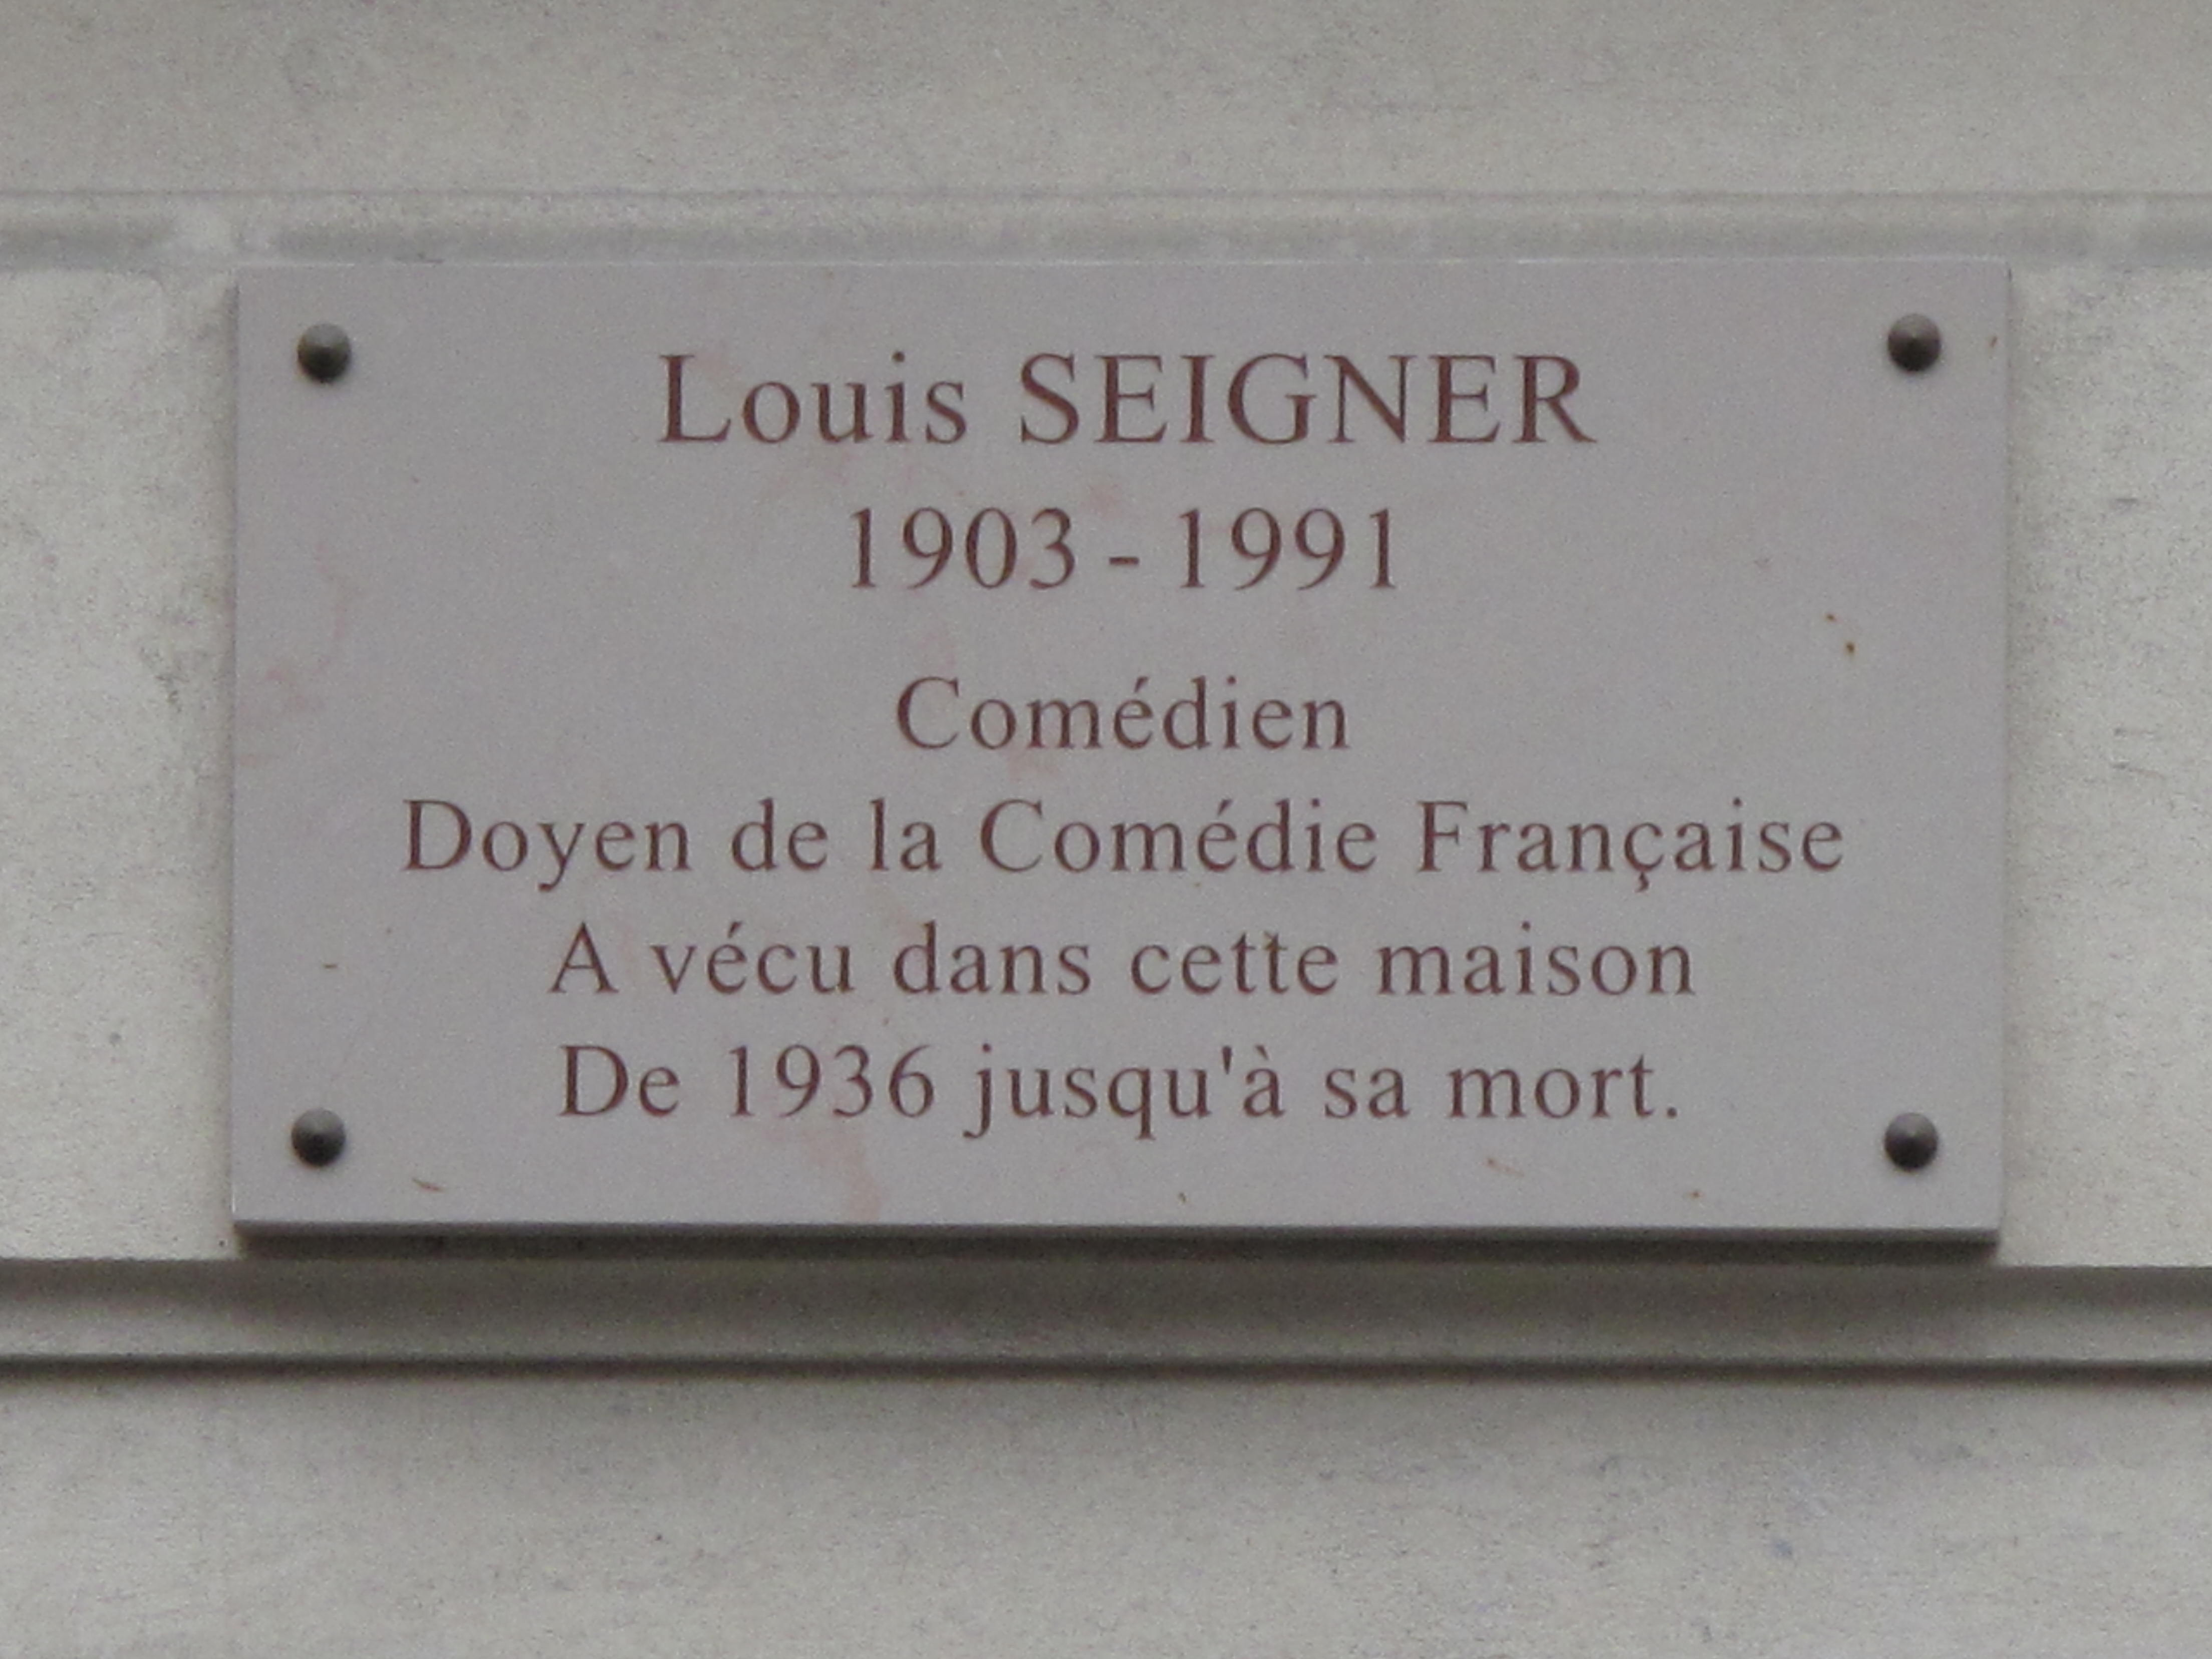 Photo Louis Seigner via Opendata BNF